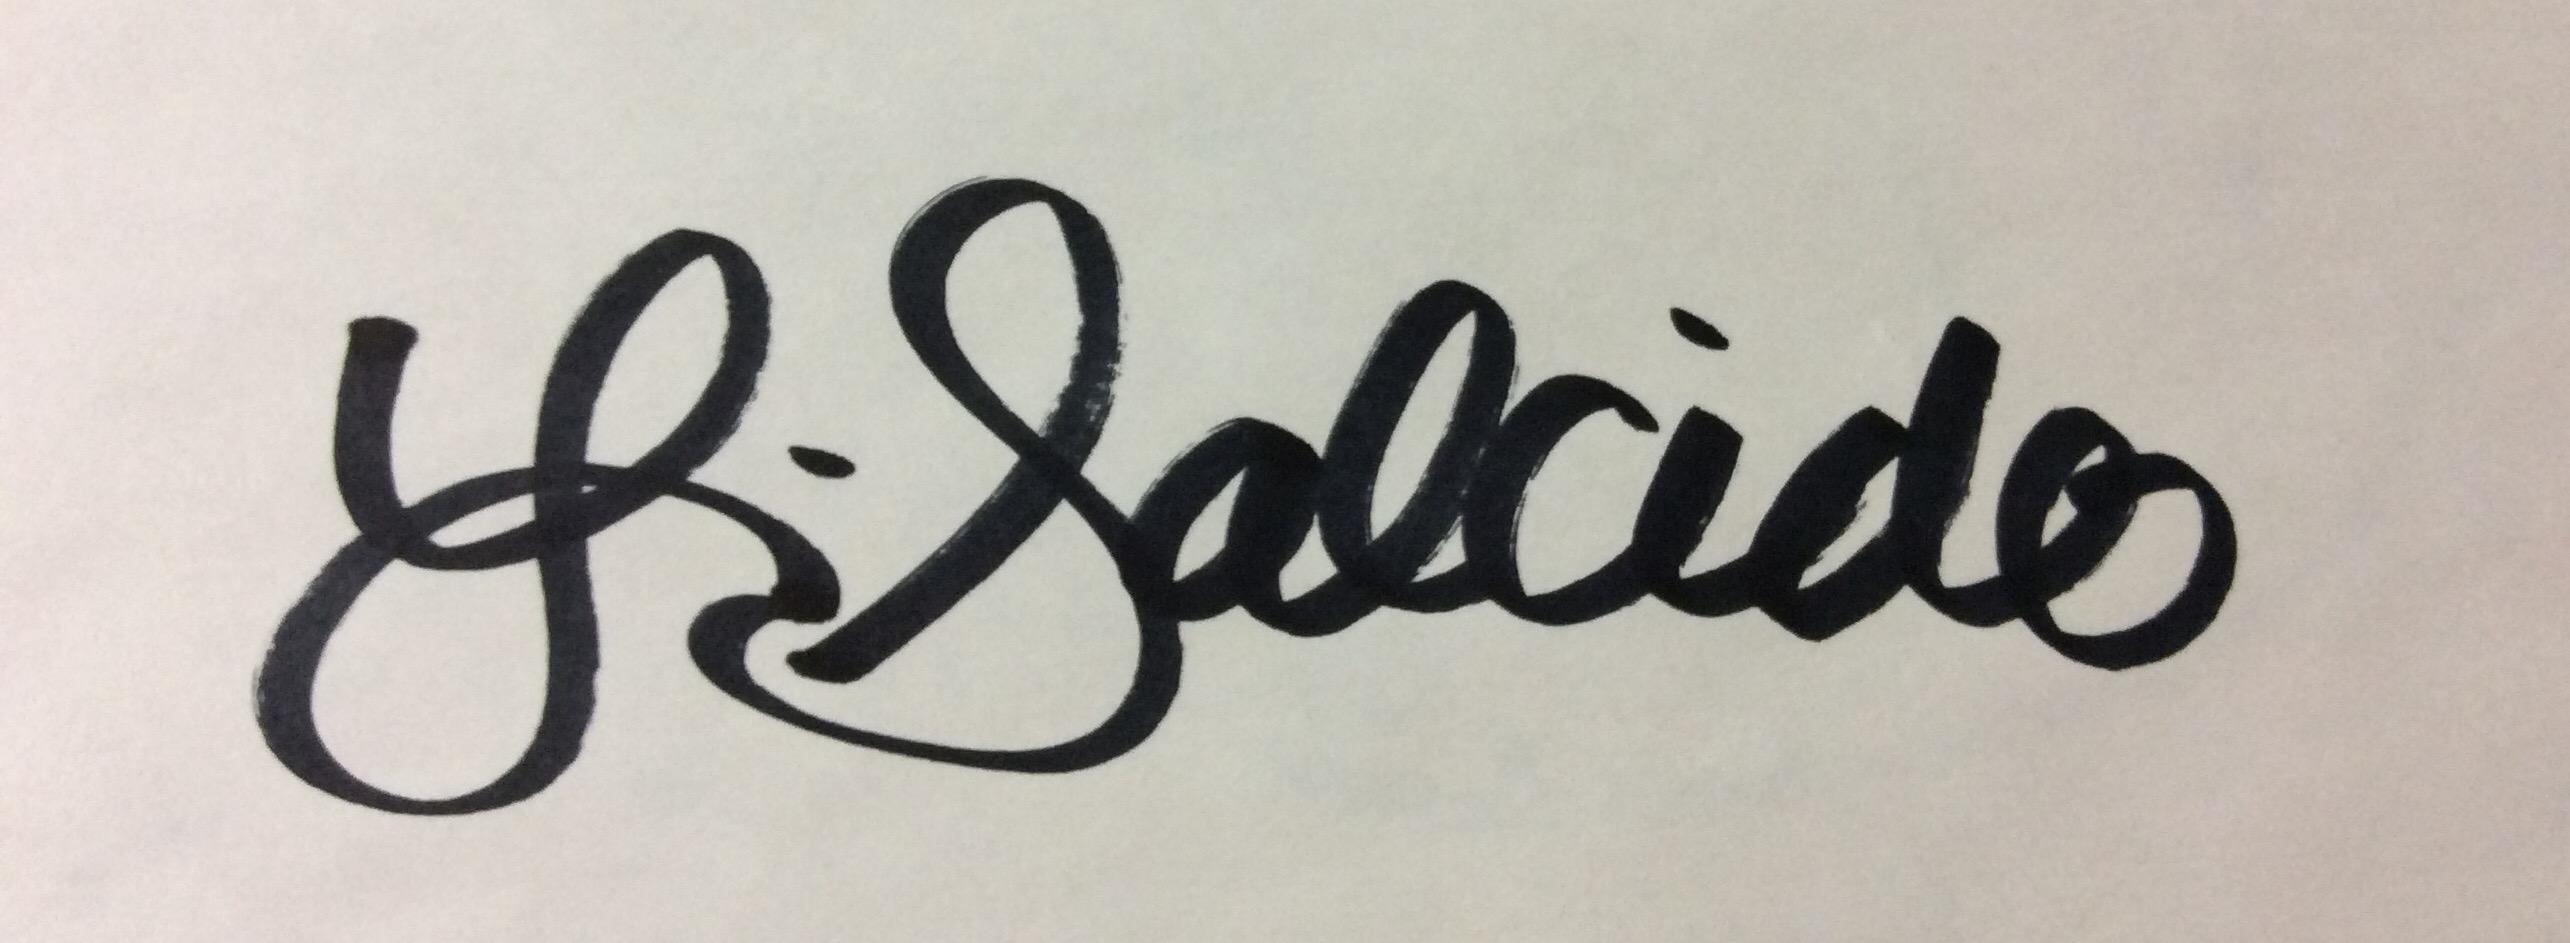 Laura Salcido Signature